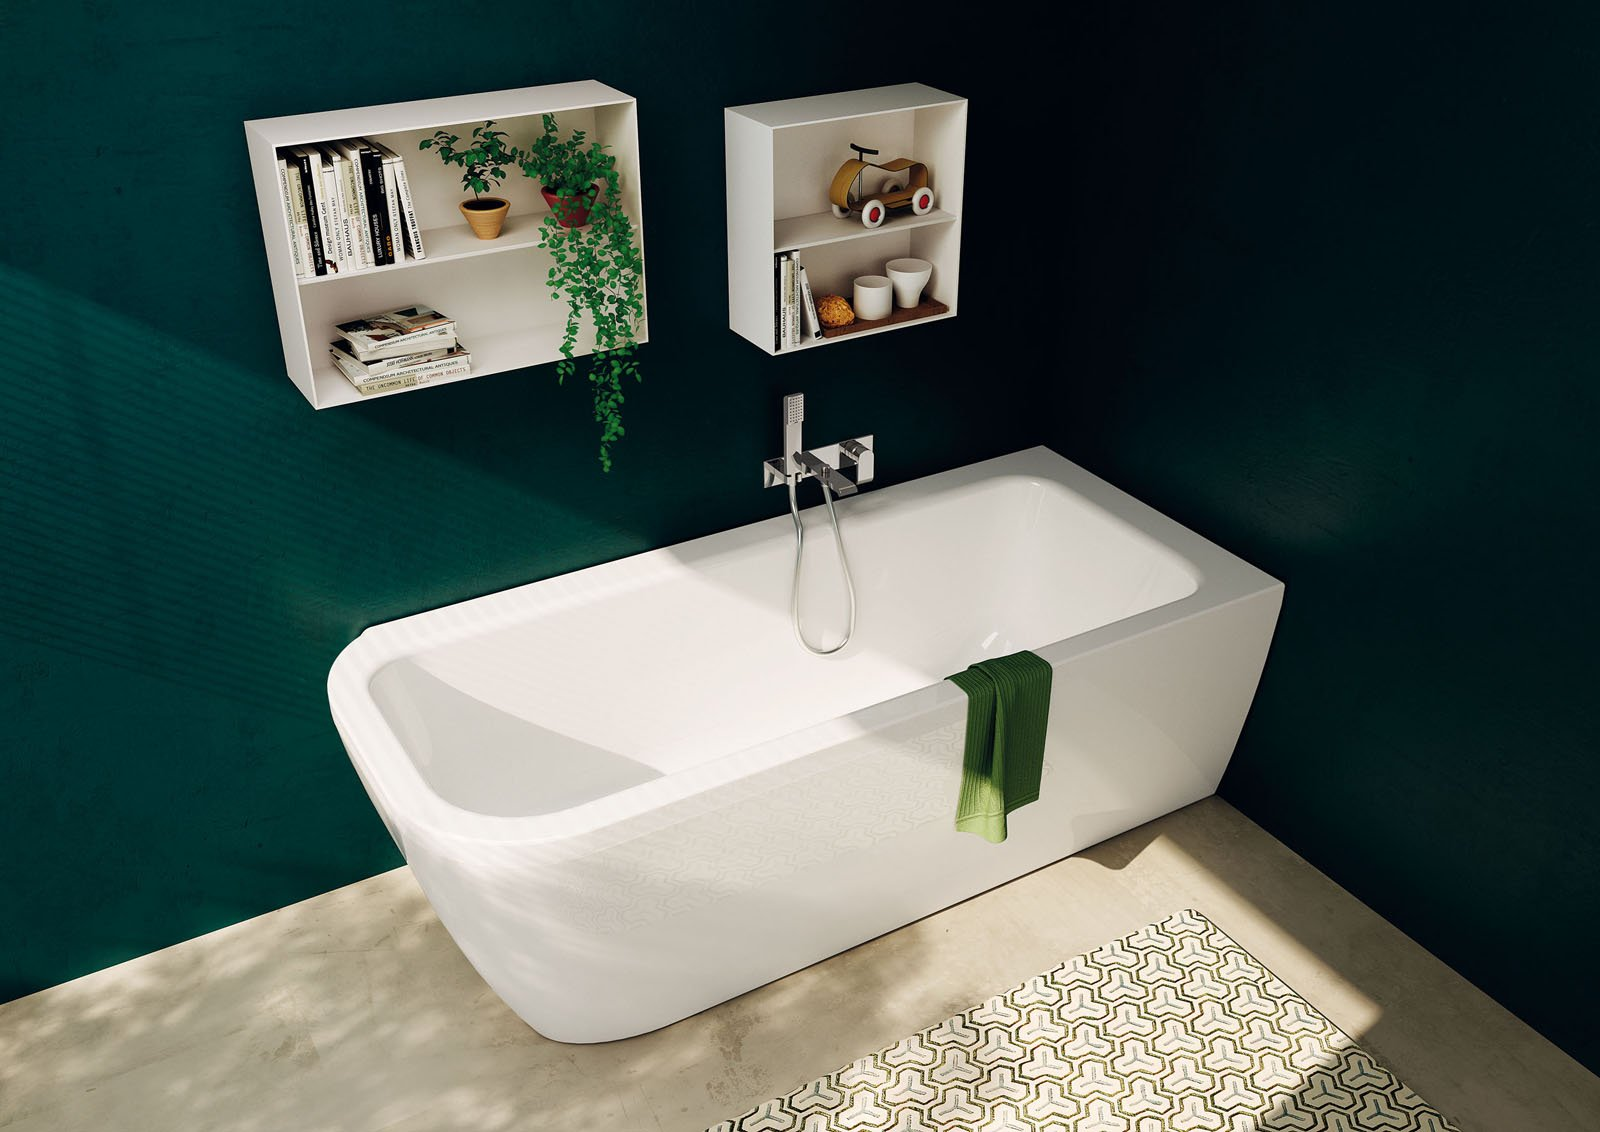 Vasche da bagno low cost a partire da 182 euro cose di casa - Rubinetteria per bagno prezzi ...